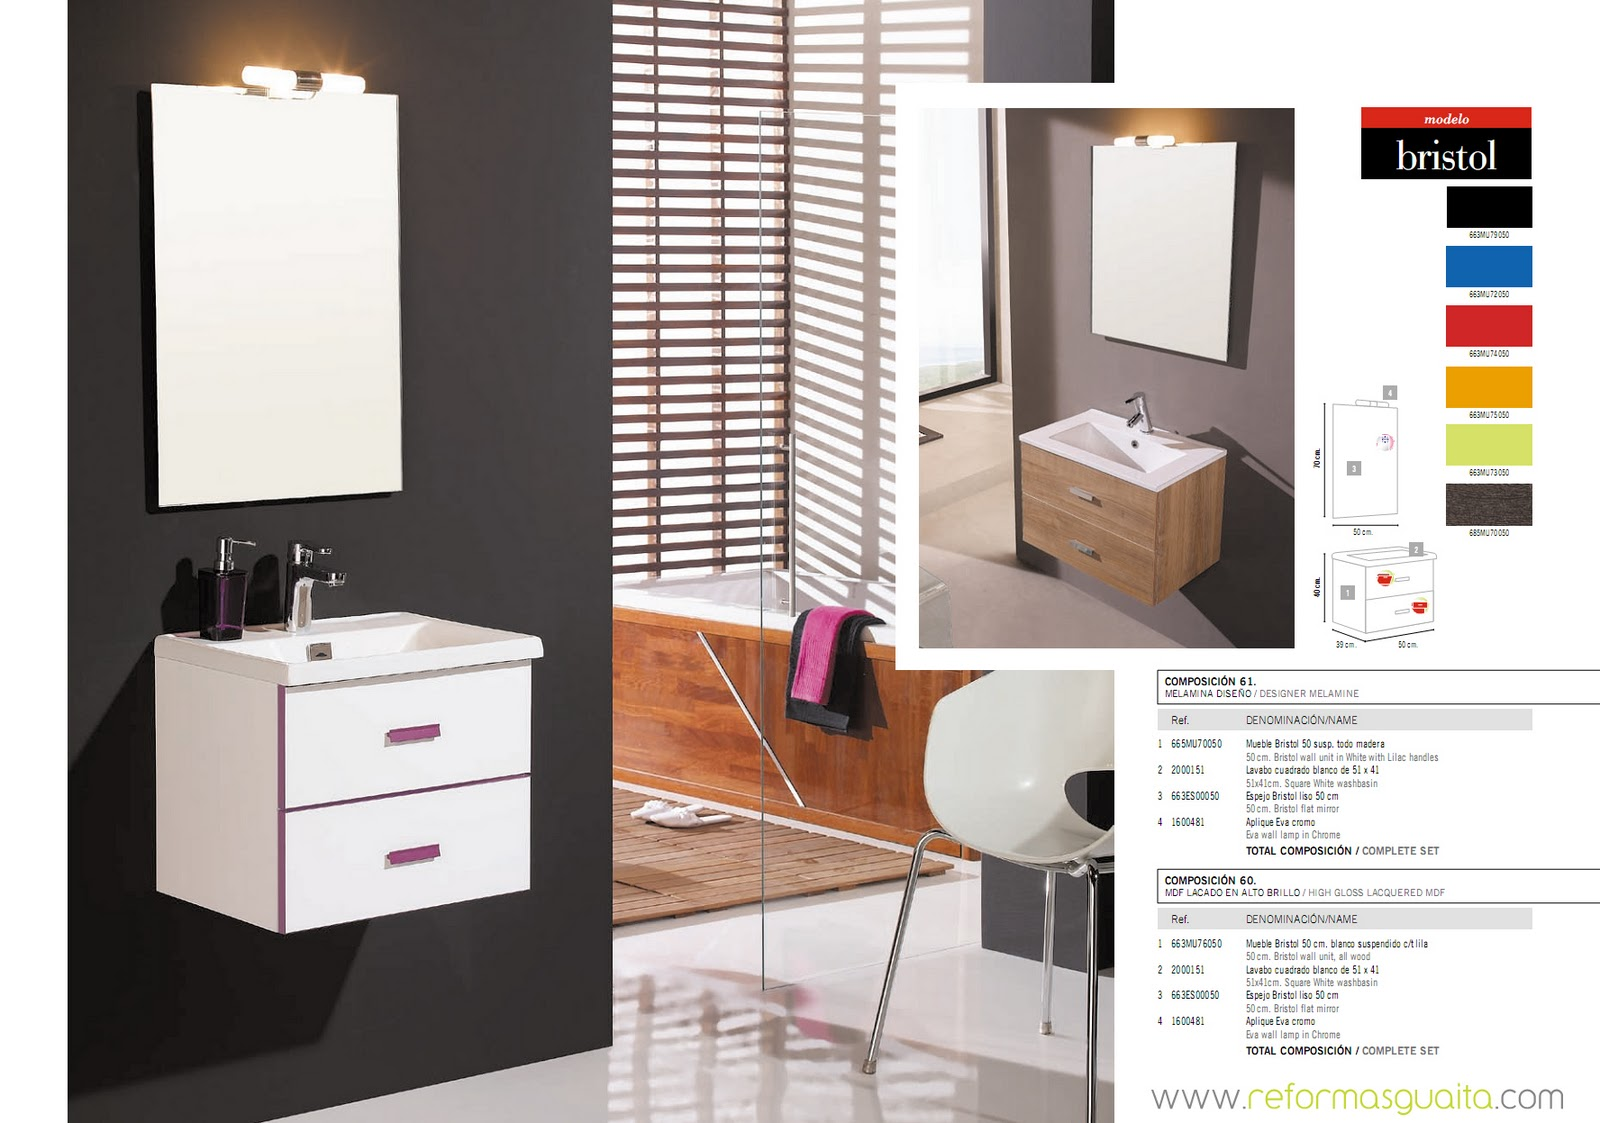 Bristol muebles de fondo reducido a 40 cms reformas guaita - Muebles de bano de fondo reducido ...